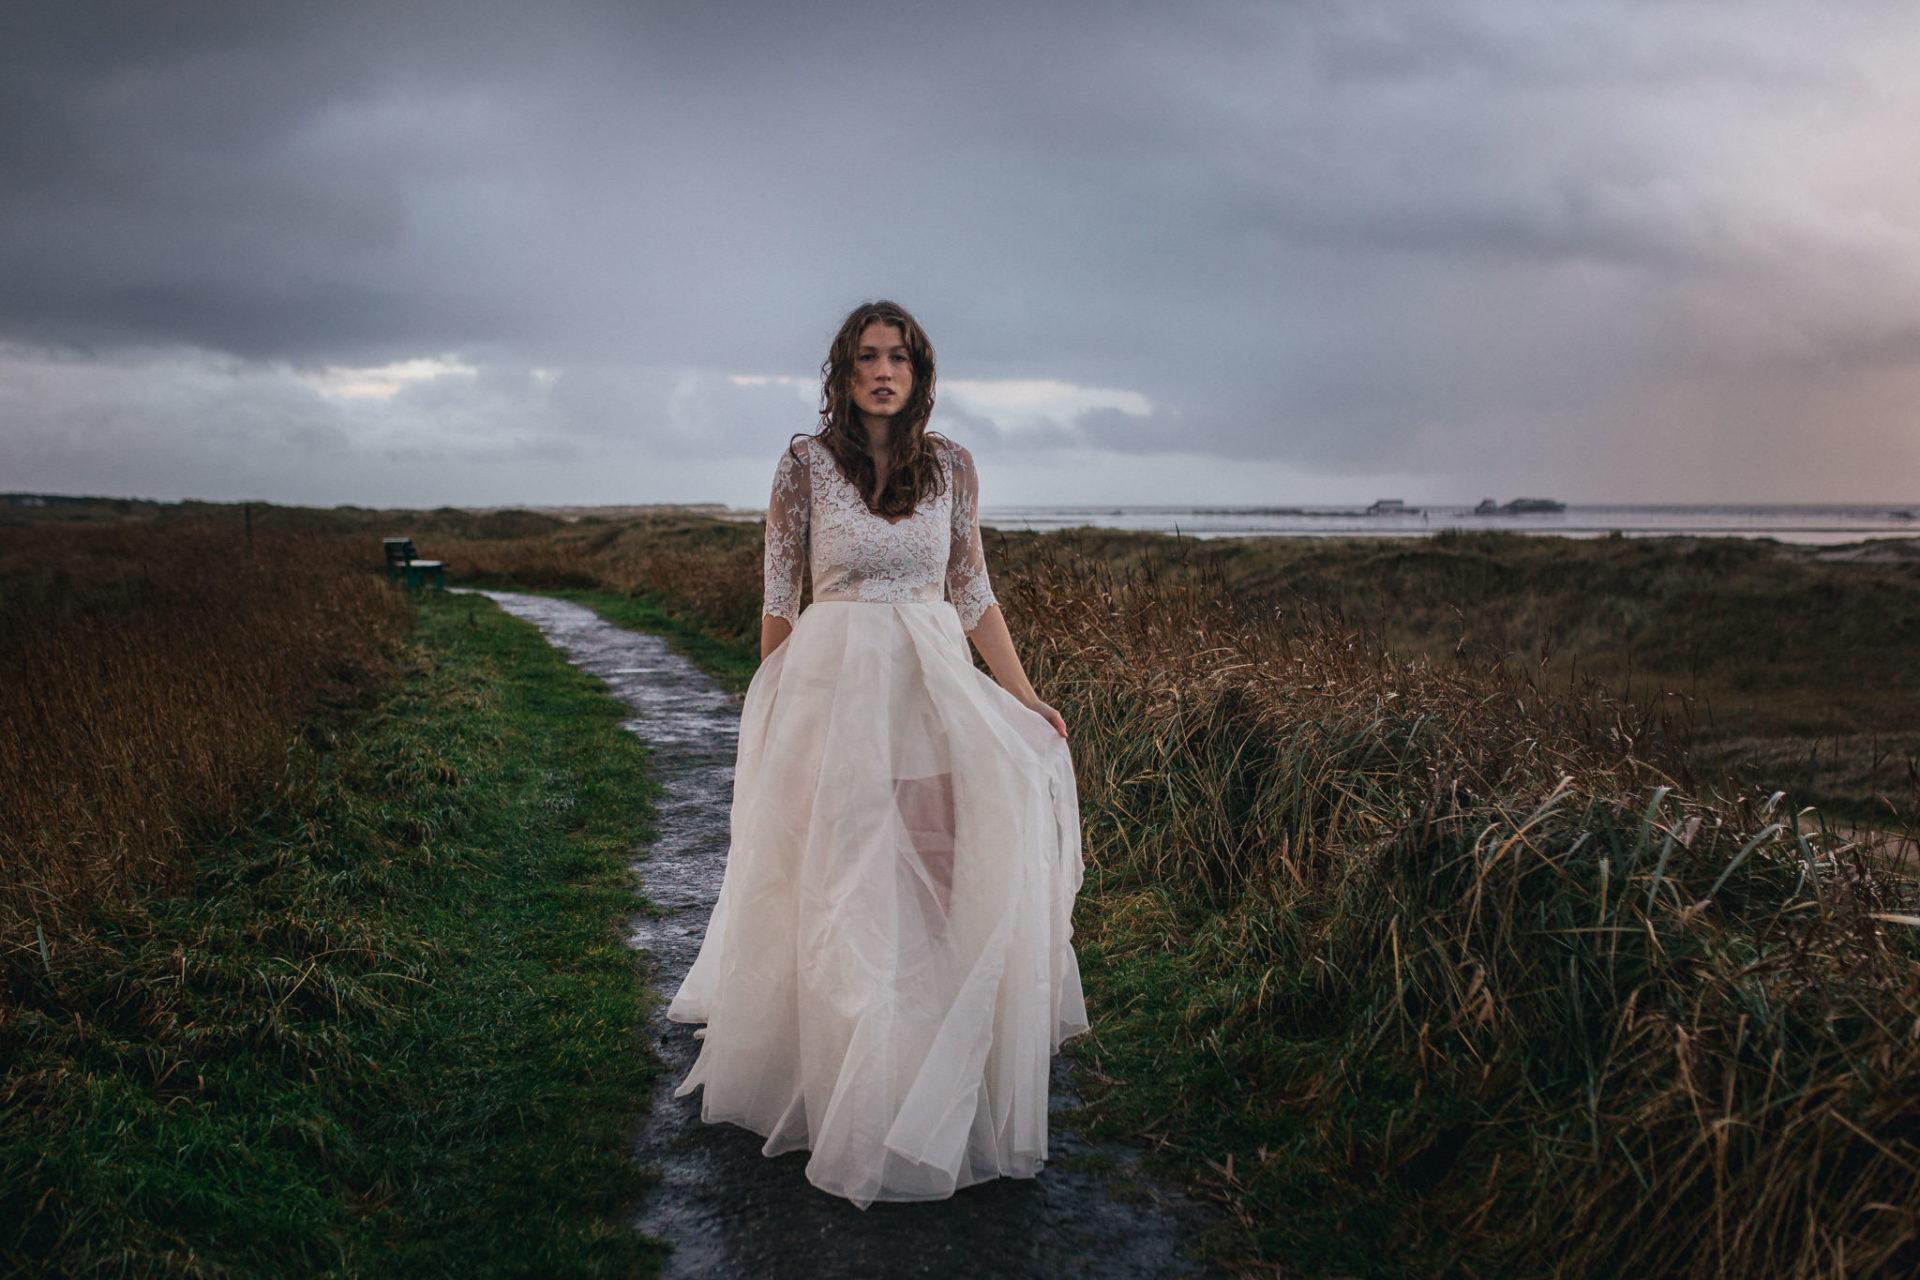 Hochzeitsfotograf Sankt Peter Ording Brautkleid Beach Motel Fotoshoot Strand Herbst Elfenkleid